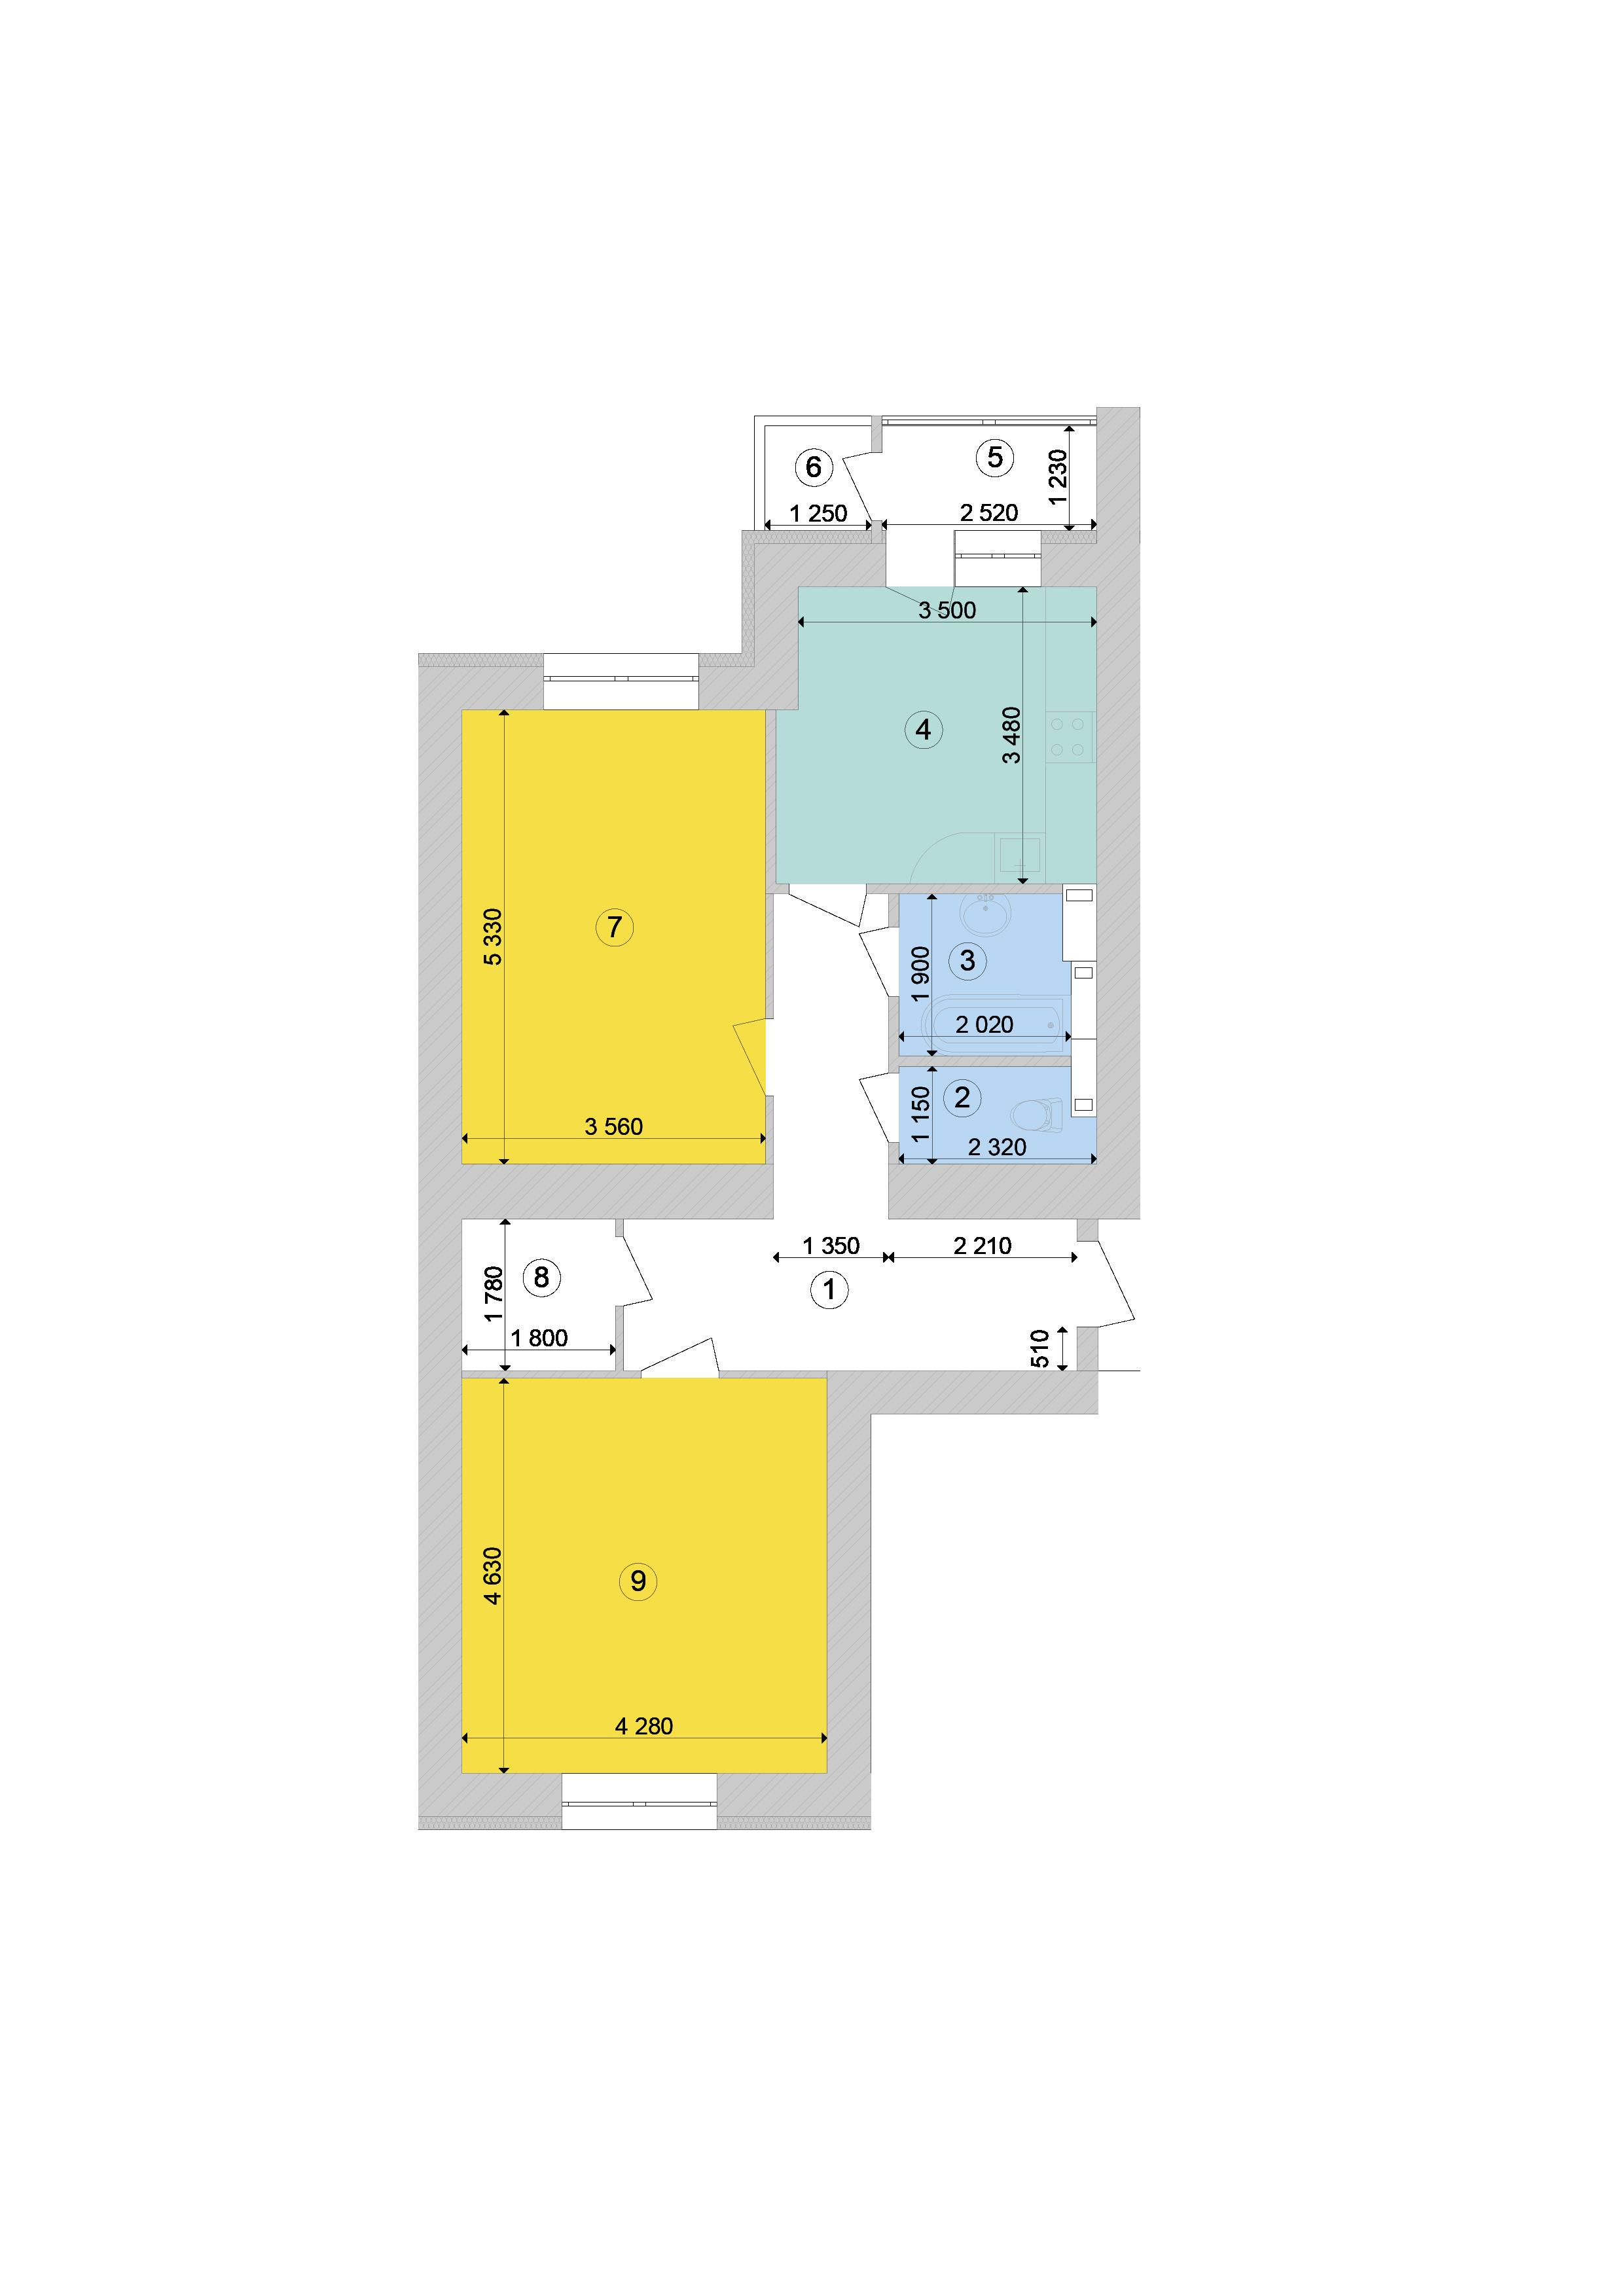 Купити Двокімнатна квартира 77 кв.м., тип 2.6, будинок 1, секція 9 в Києві Голосіївський район